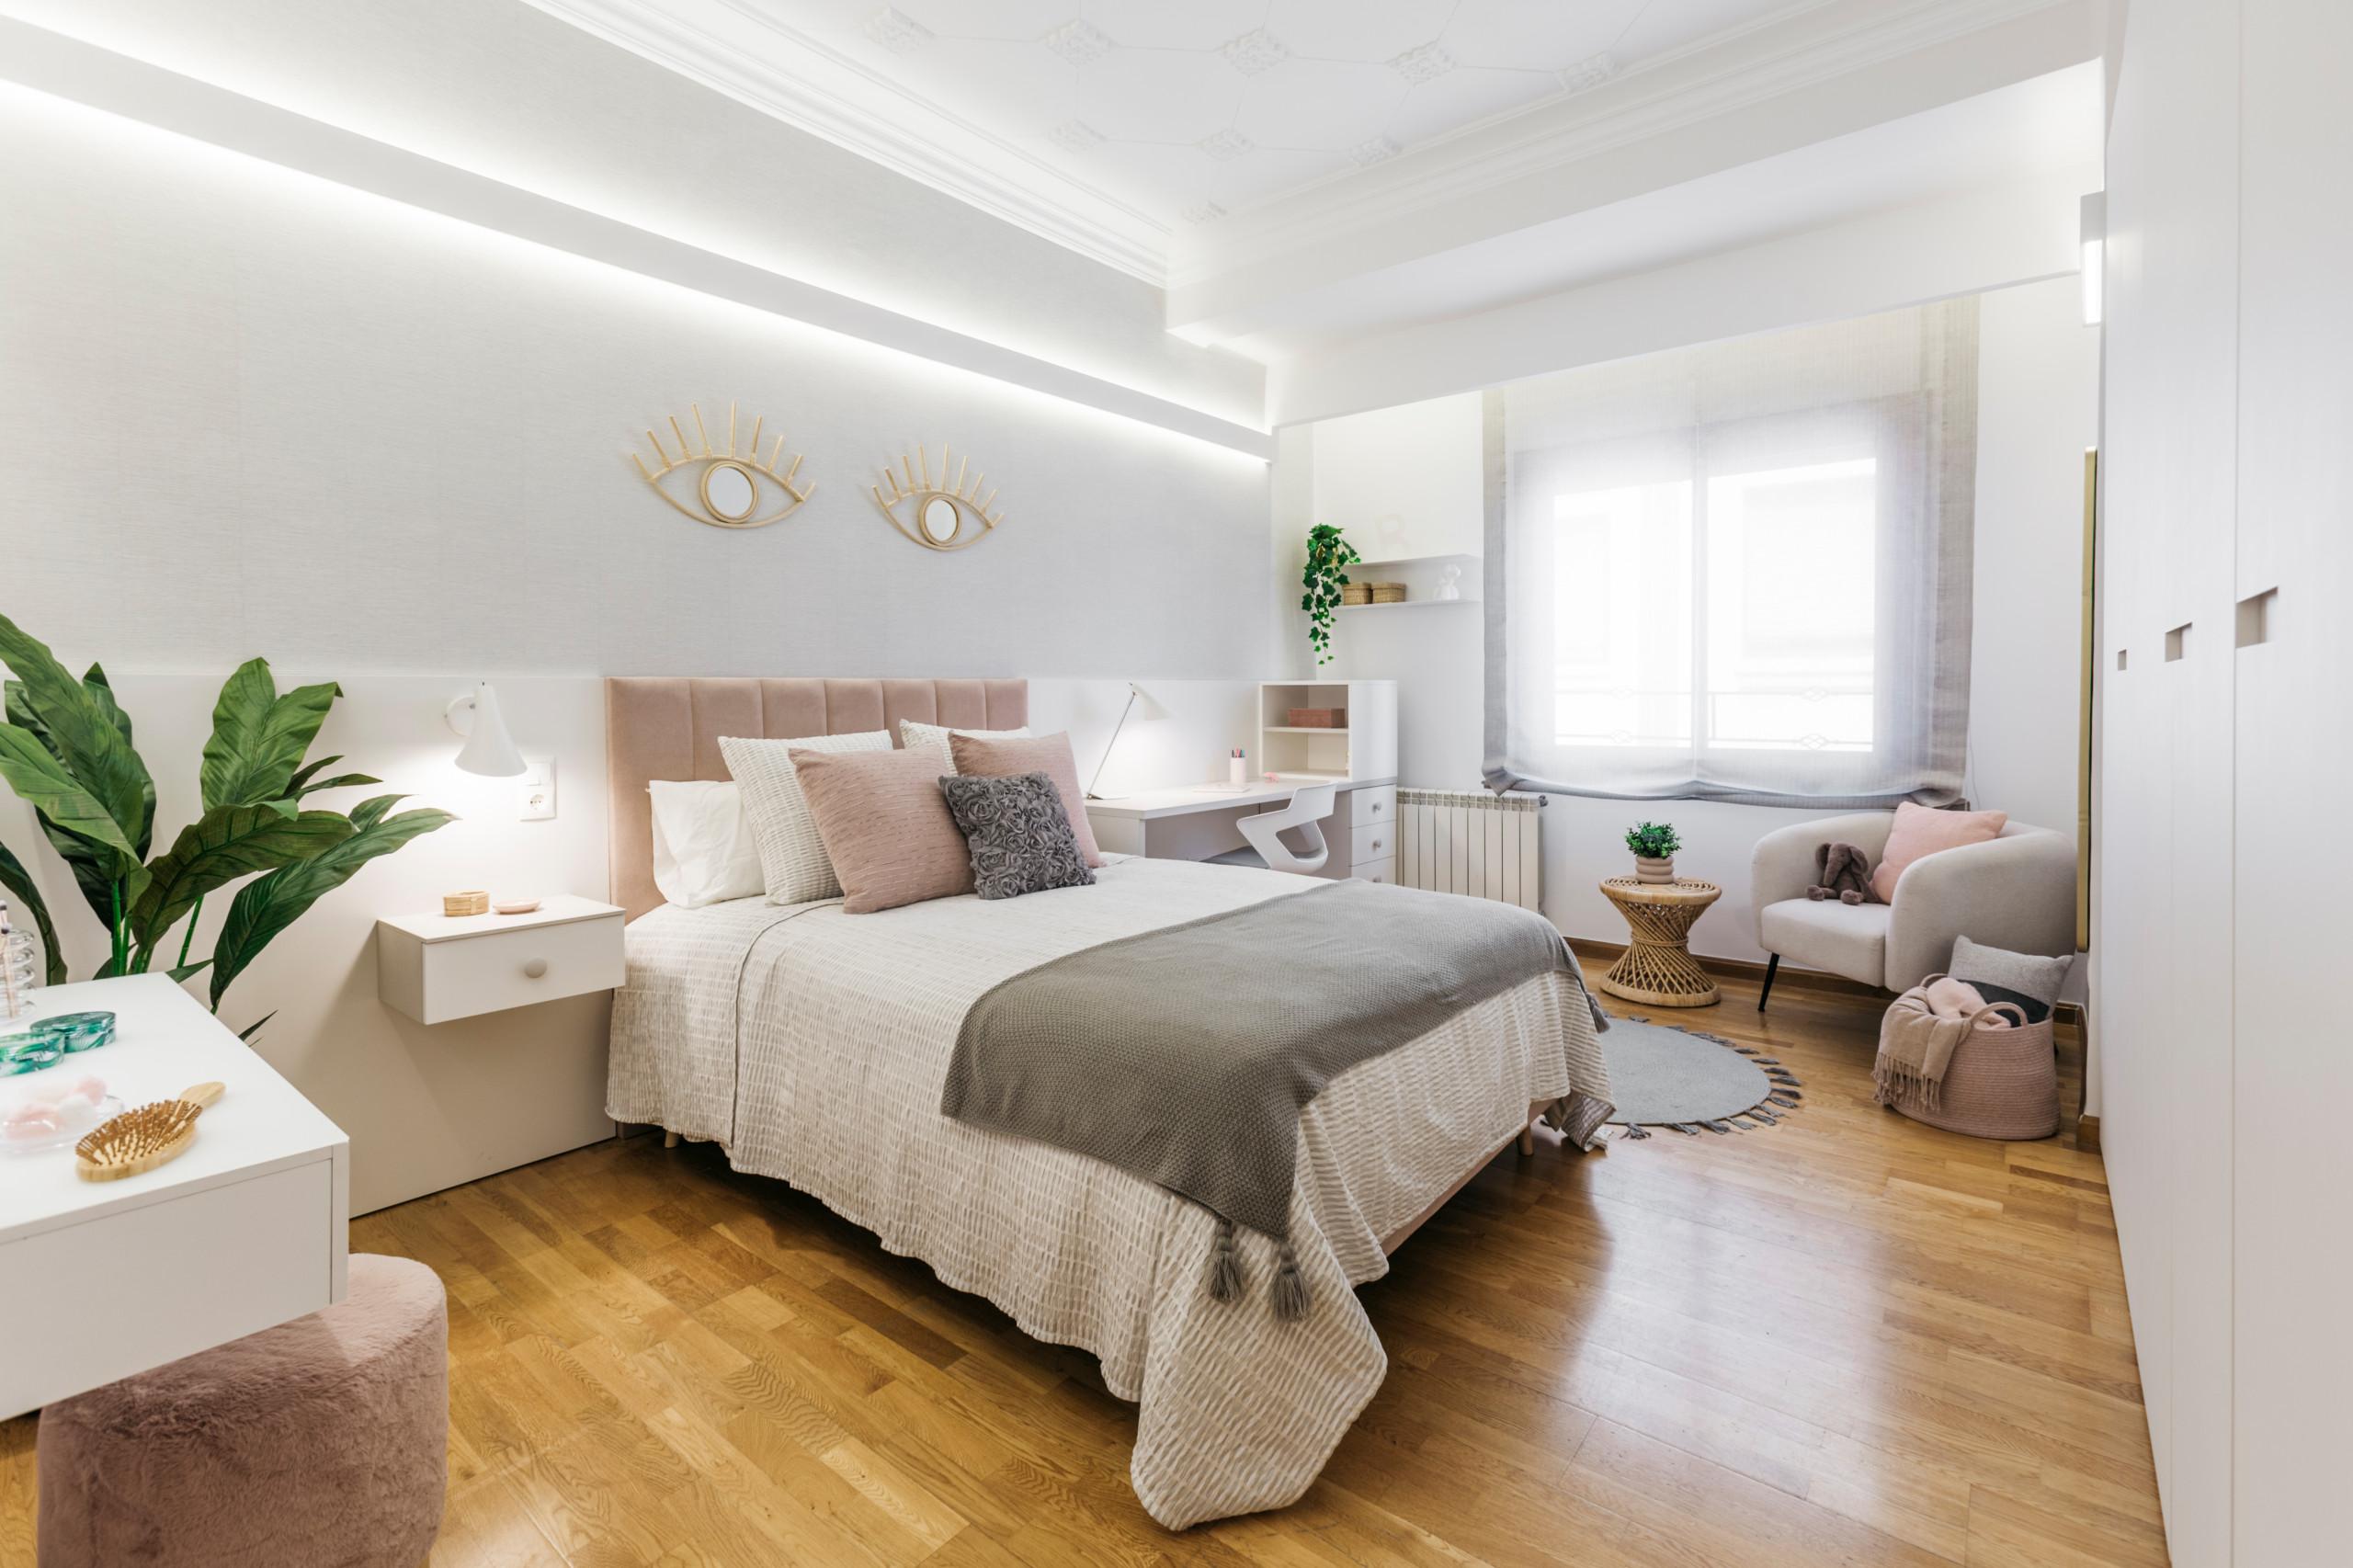 Vista general del dormitorio con iluminación indirecta